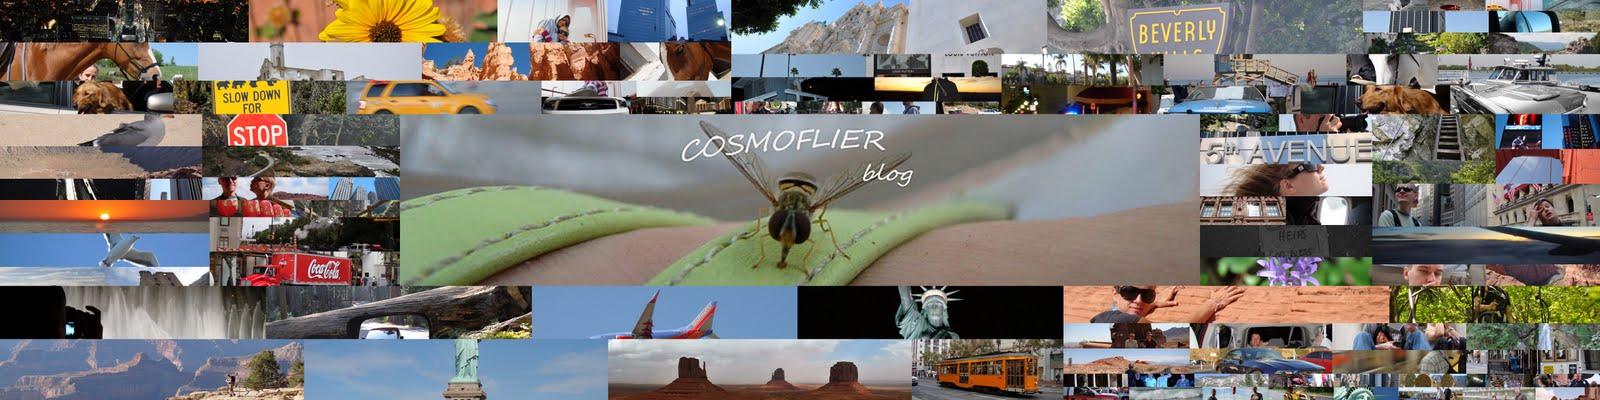 Cosmoflier blog